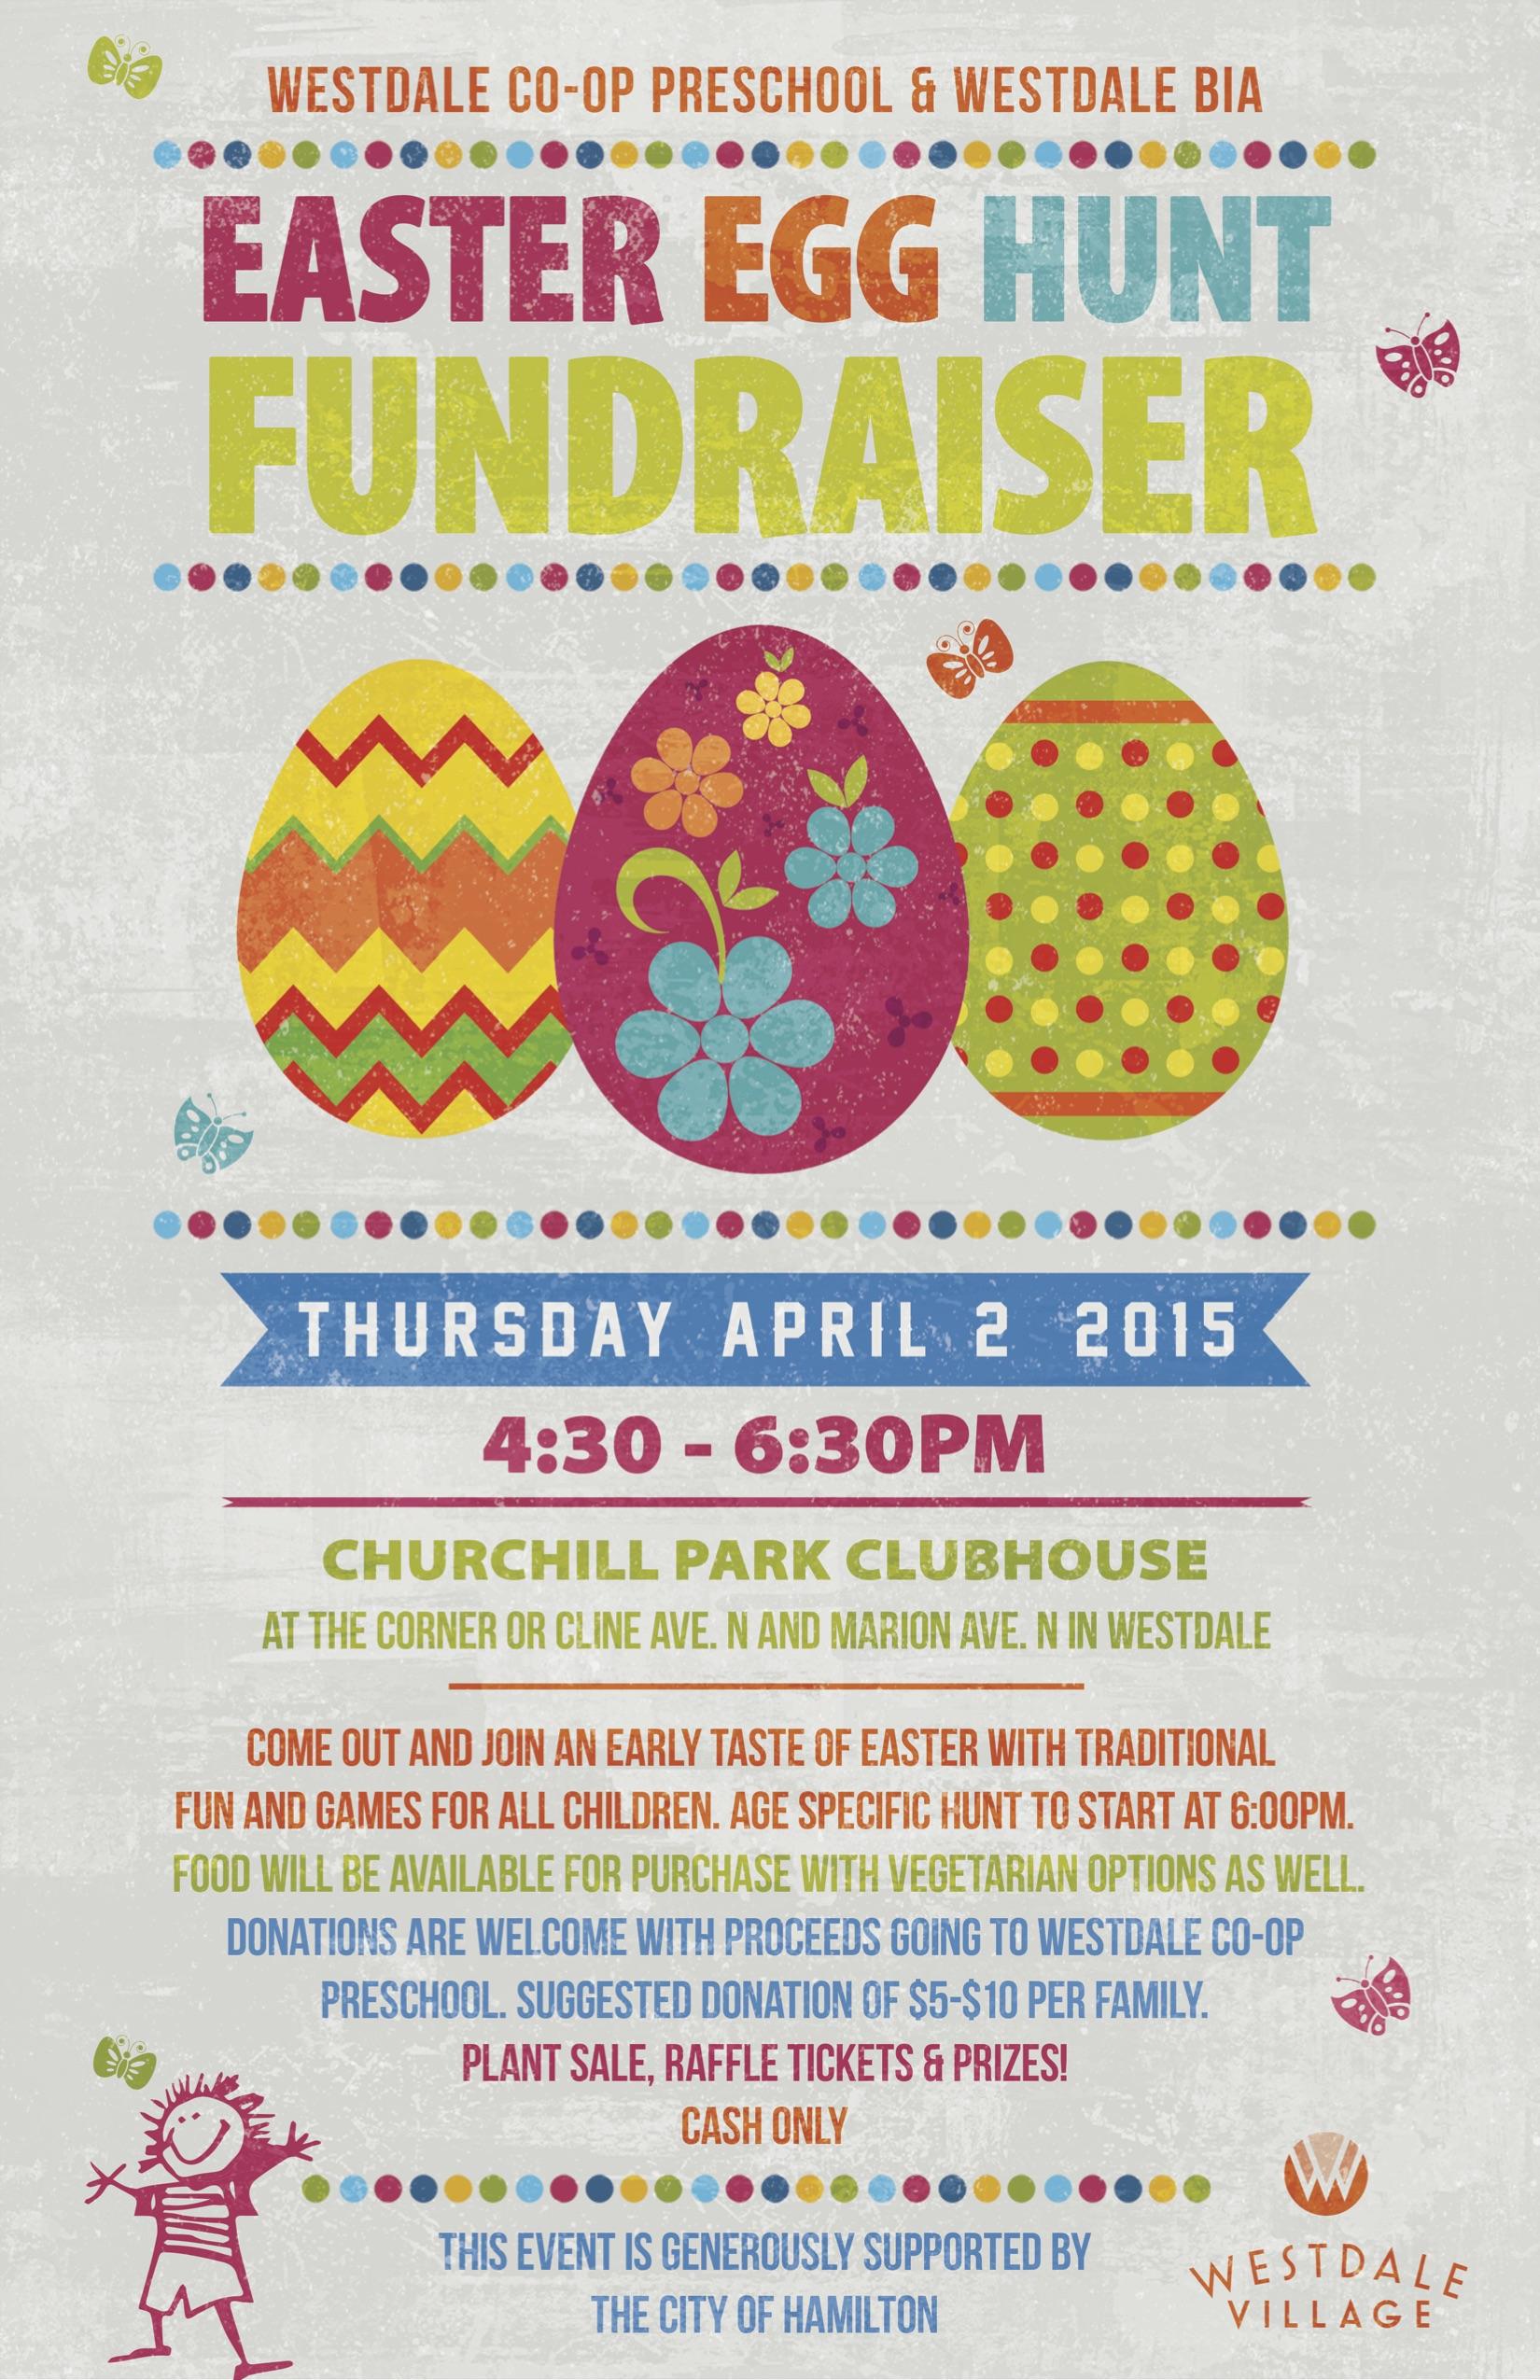 easter egg hunt fundraiser presented by westdale co